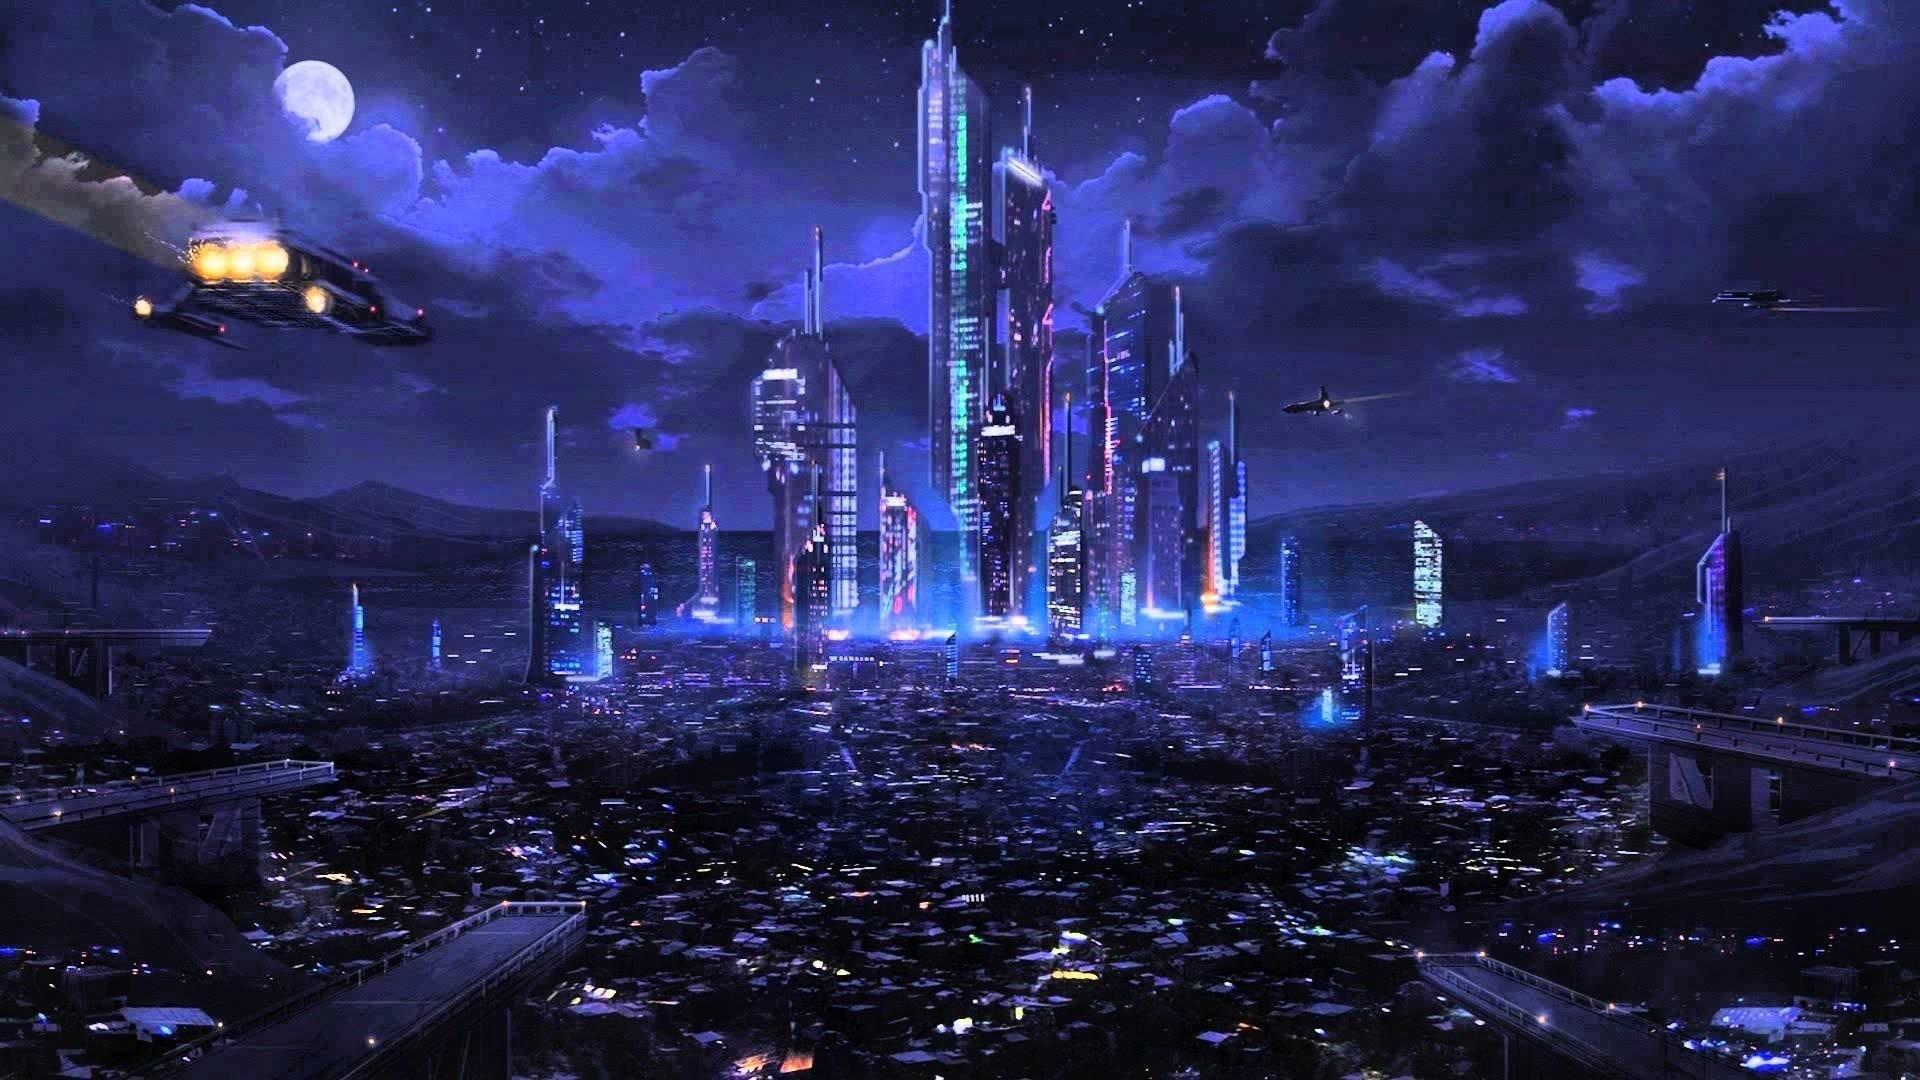 4k Future Cyberpunk City 1280x720 Download Hd Wallpaper Wallpapertip